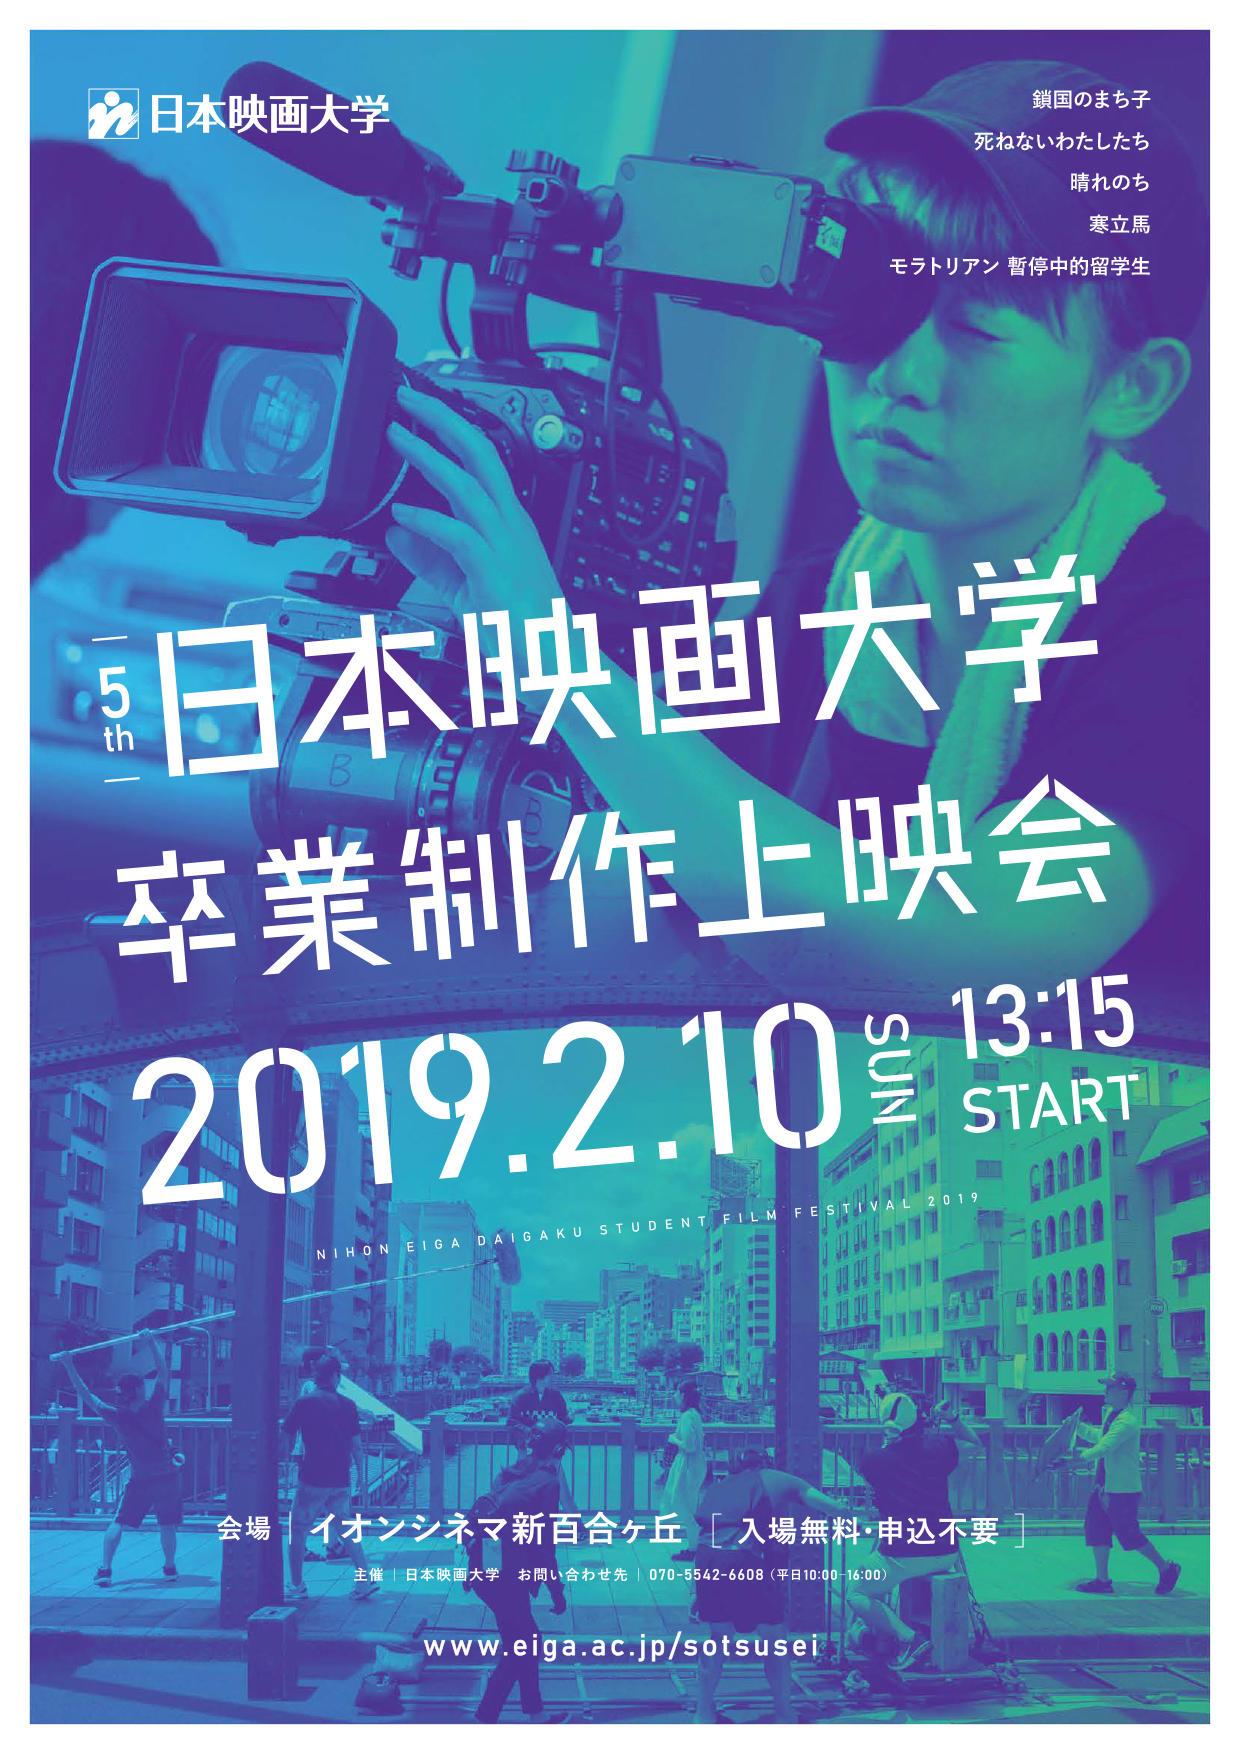 日本映画大学が2月10日にイオンシネマ新百合ヶ丘内最大座席数のスクリーンで卒業制作映画を一般公開